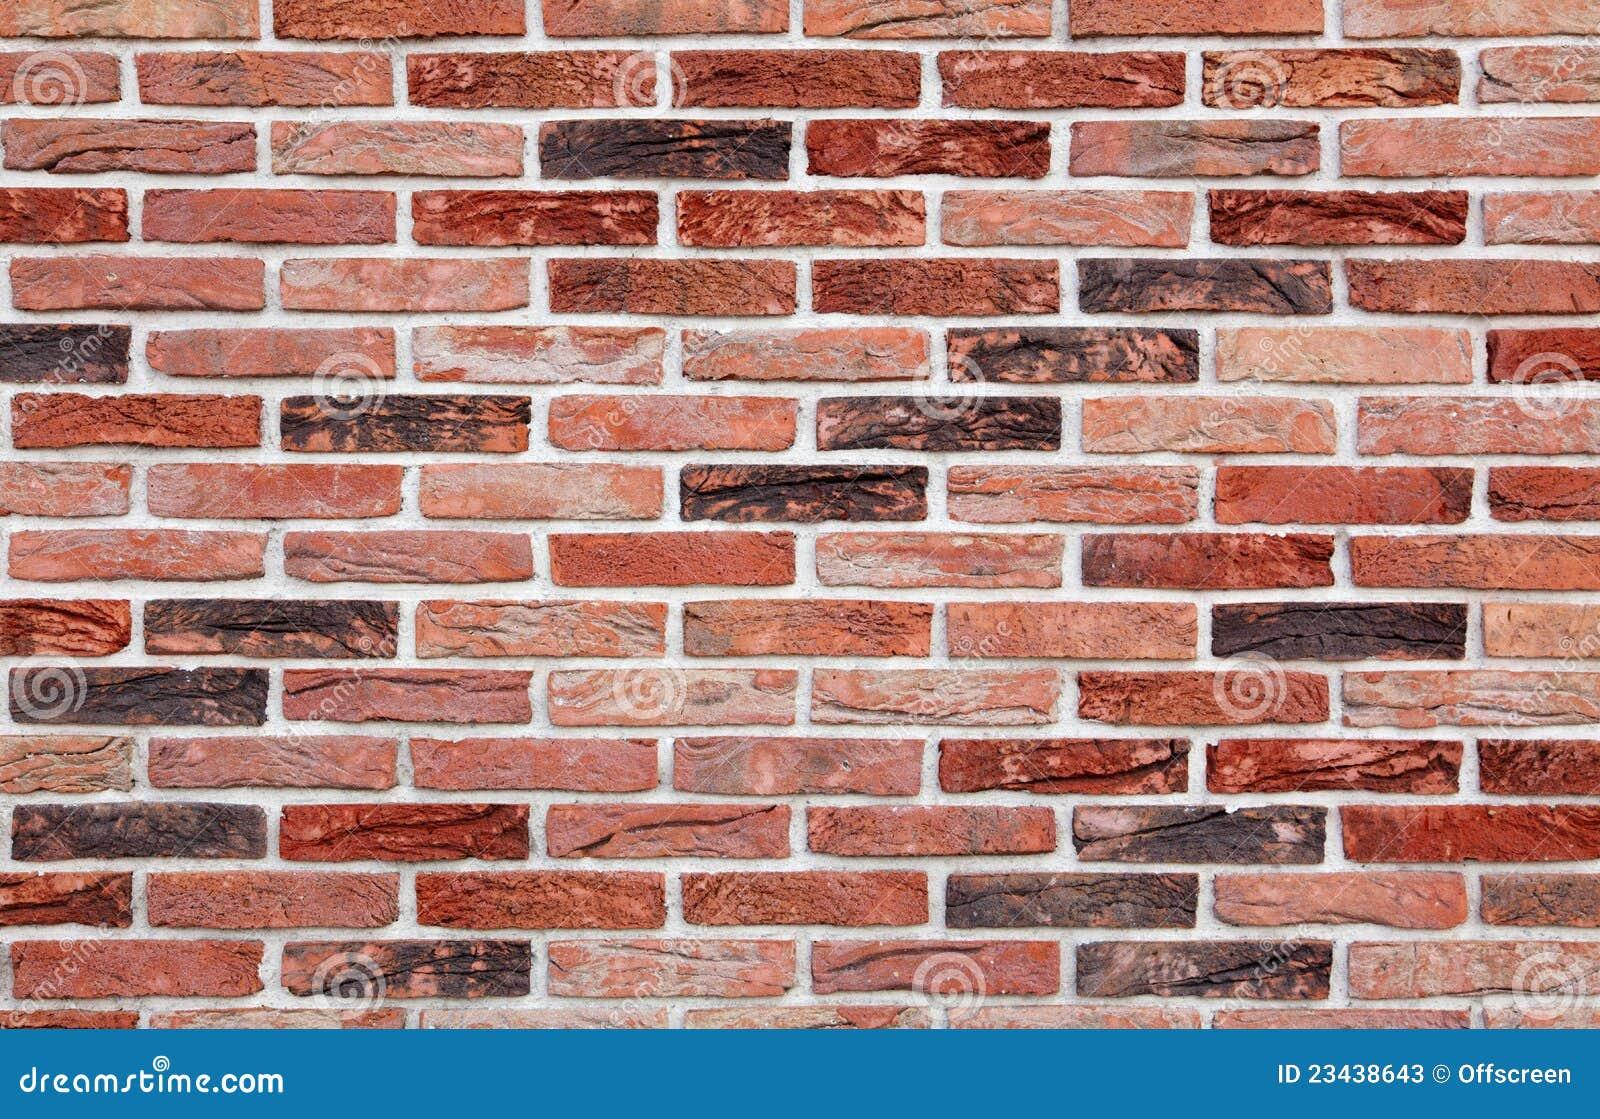 Pared de ladrillos fotos de archivo imagen 23438643 - Ladrillos para pared ...